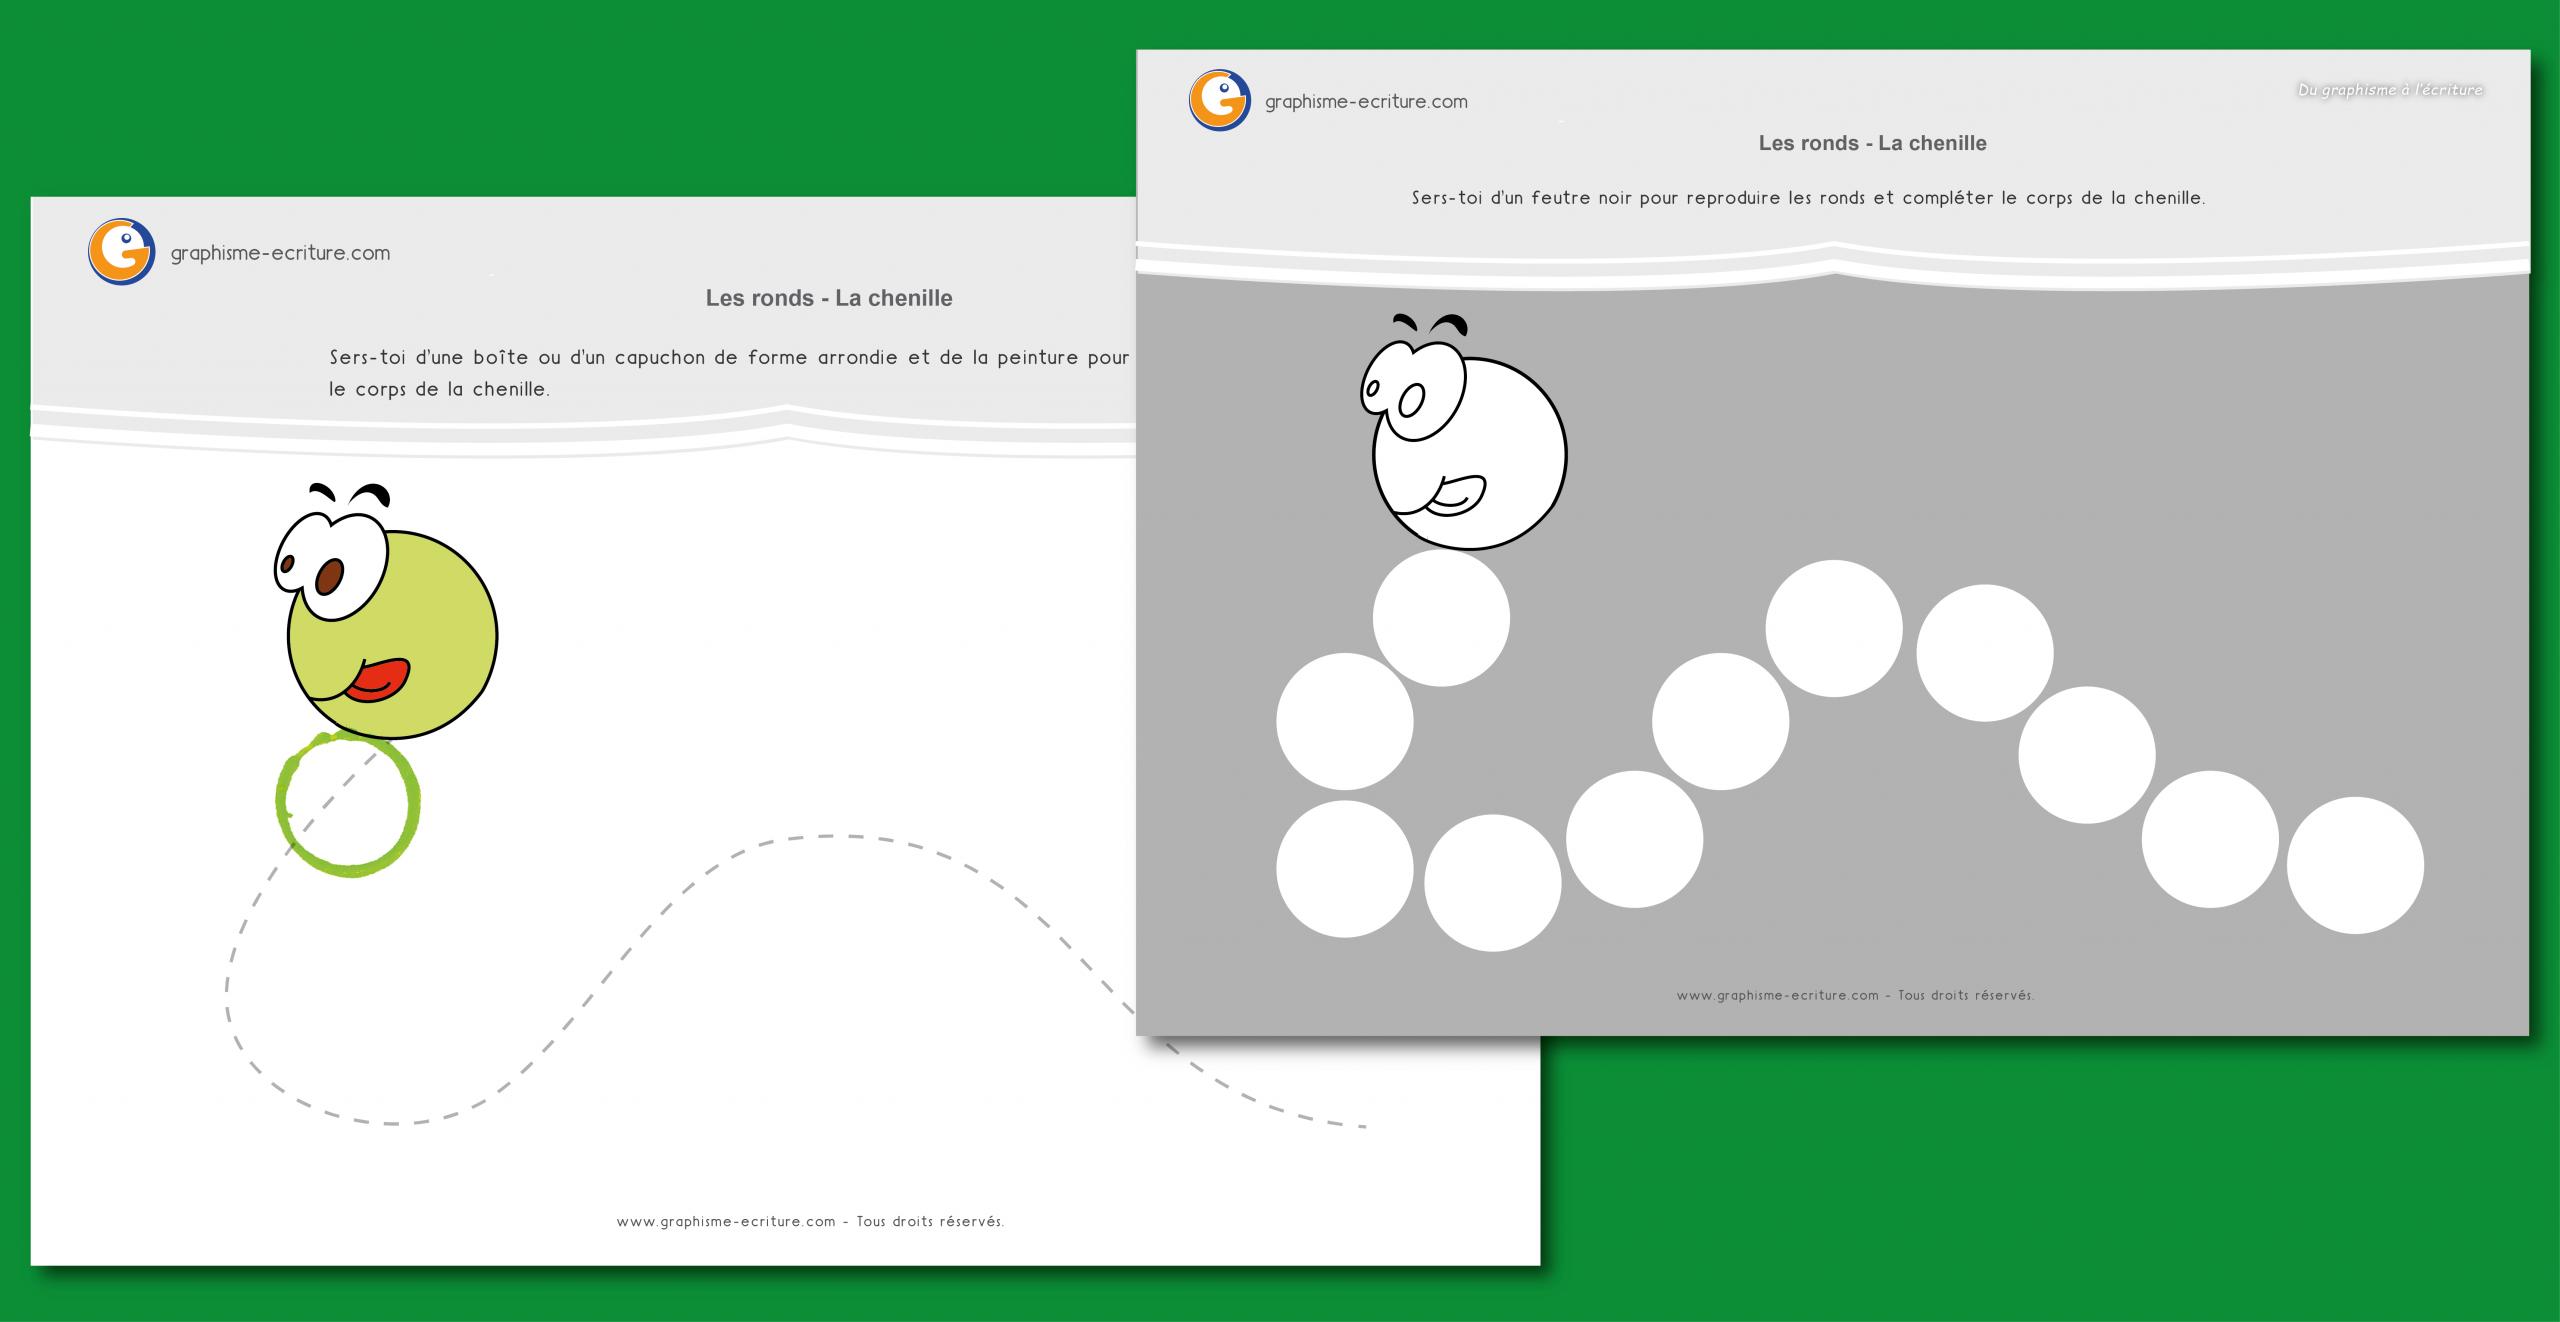 Graphisme Petite Section Ronds : Le Corps De La Chenille pour Fiche Activité Maternelle Petite Section